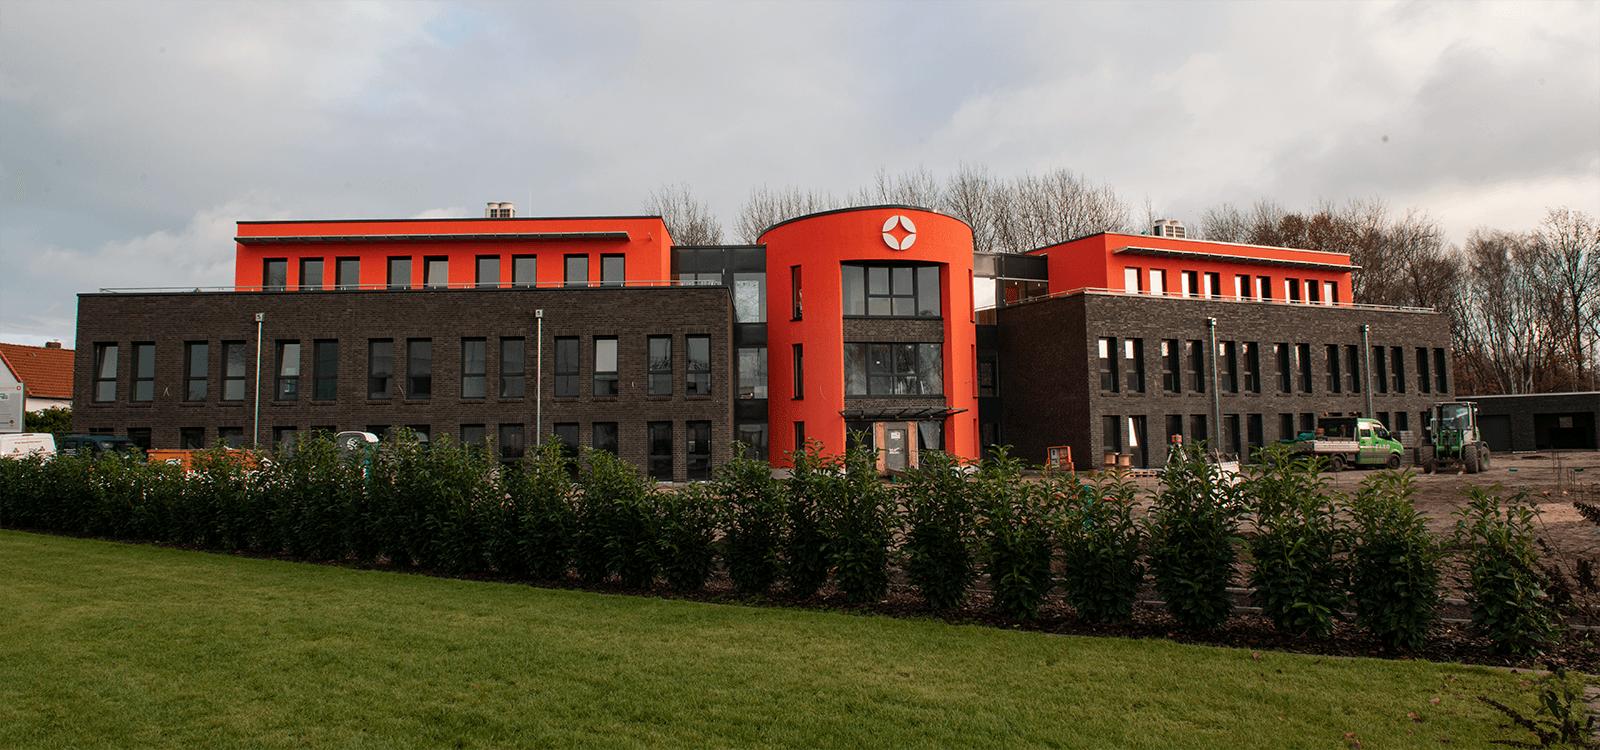 Neues Firmengebäude Inwerken Pappelweg